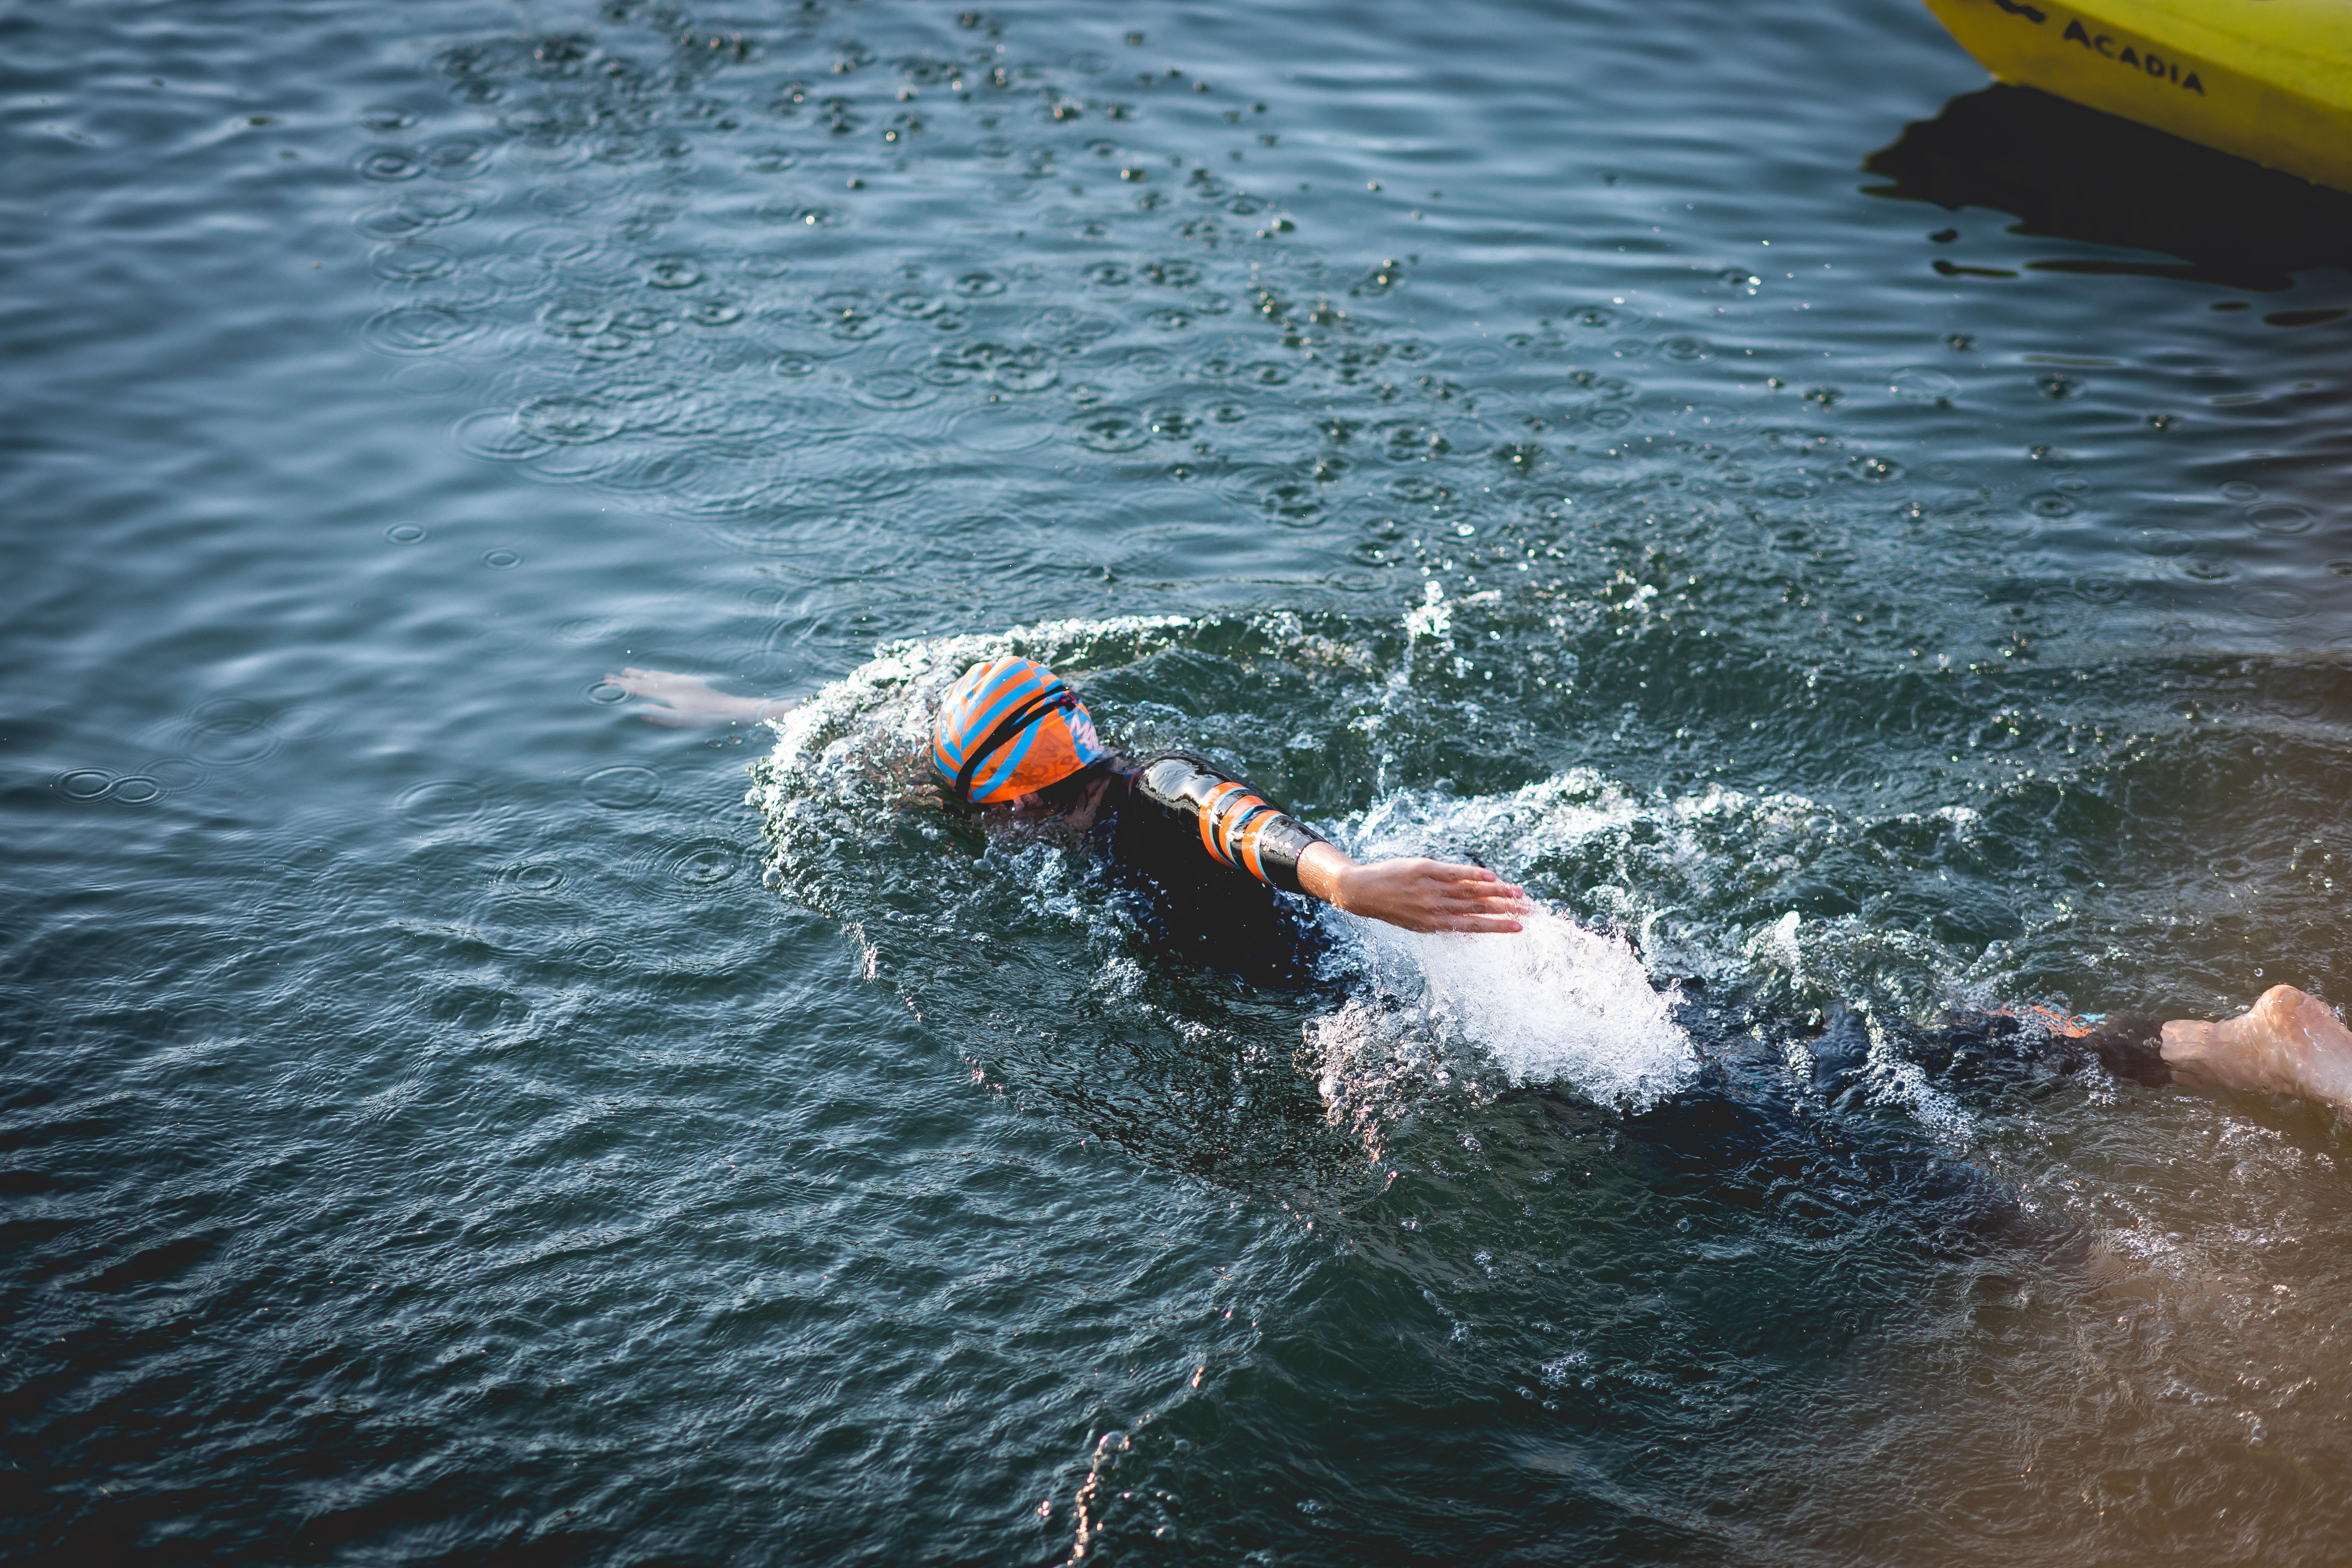 Nager contre la pollution de l'eau par les mégots